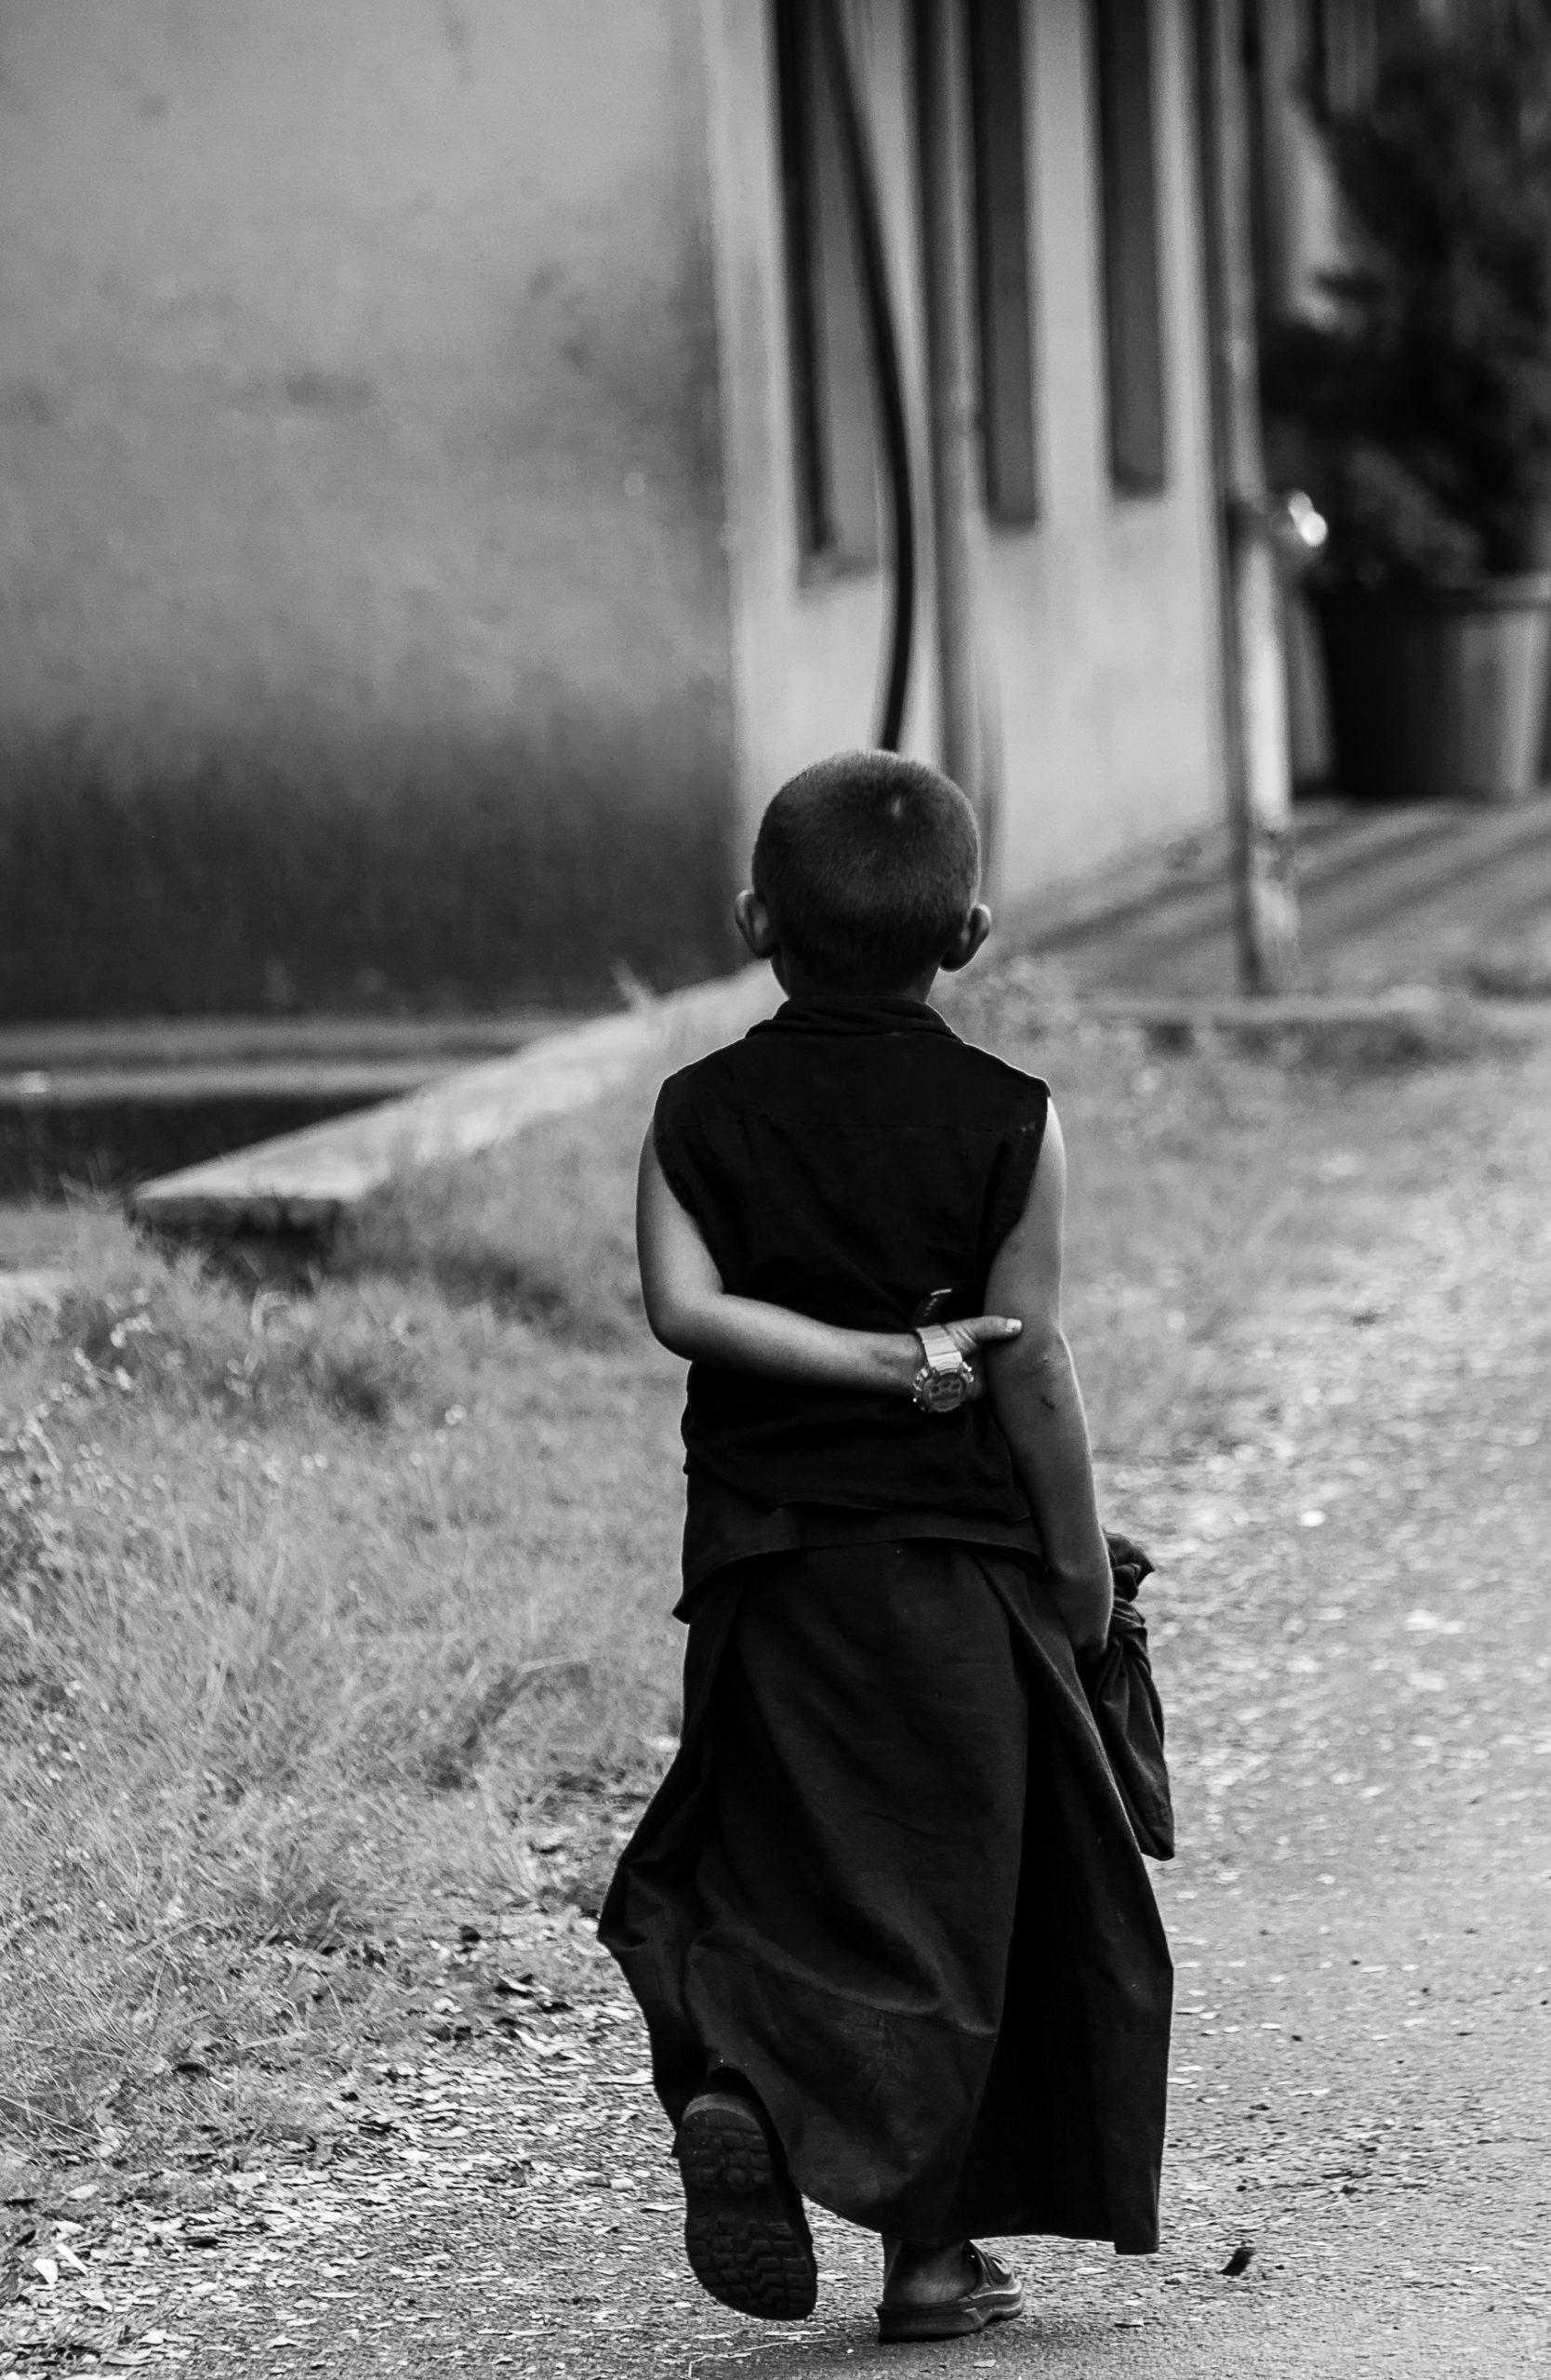 A Buddhist monk walking